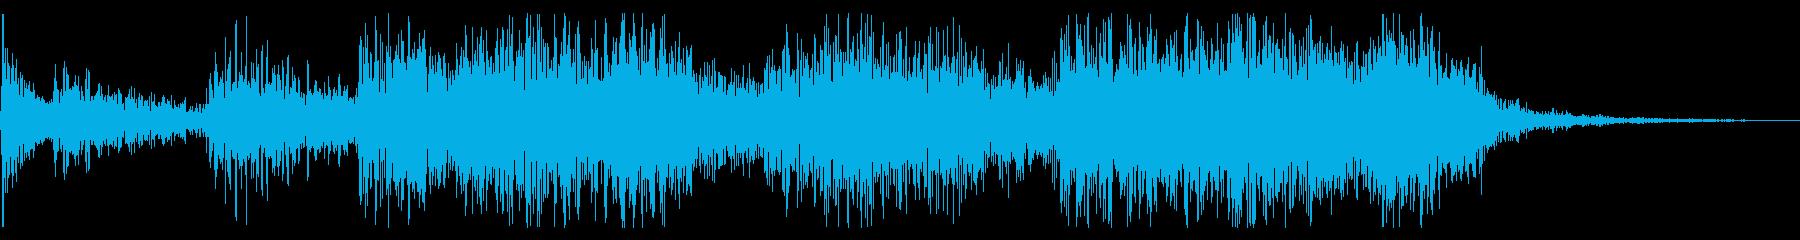 3.5秒ジングル トイピアノ+ジャズ の再生済みの波形